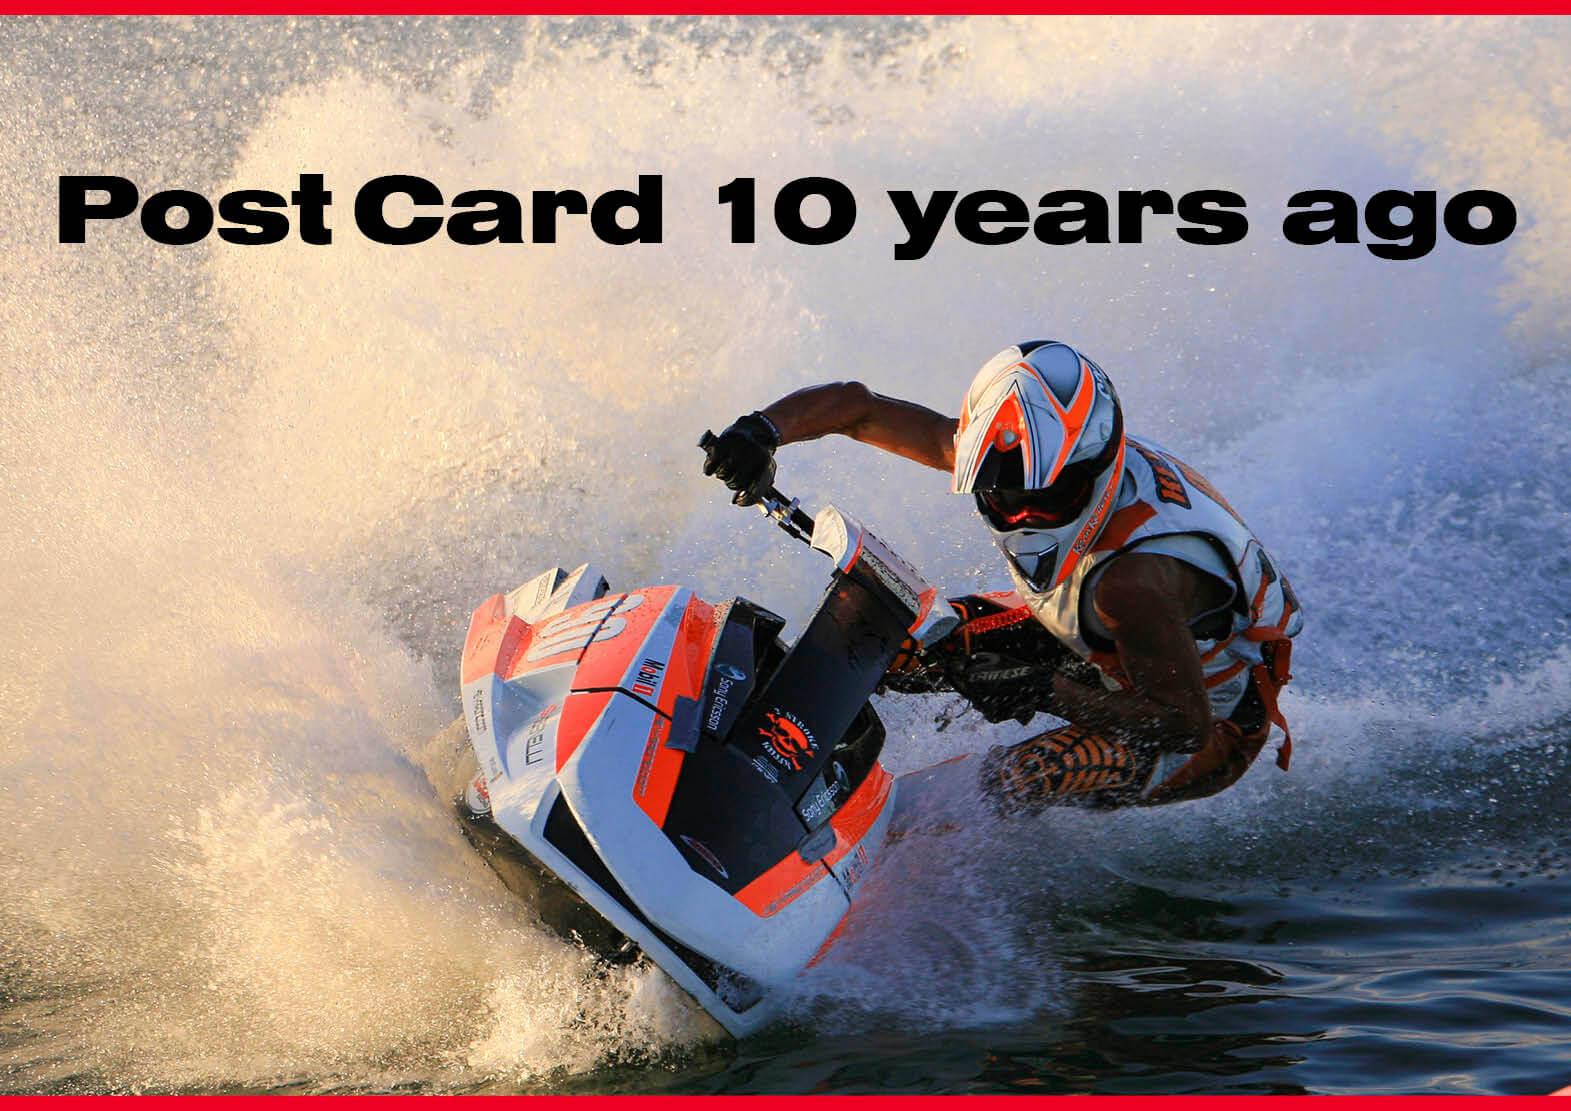 10年前のポストカード 17歳の世界王者から届いた、一葉のハガキ コラム (水上バイク)ジェットスキー